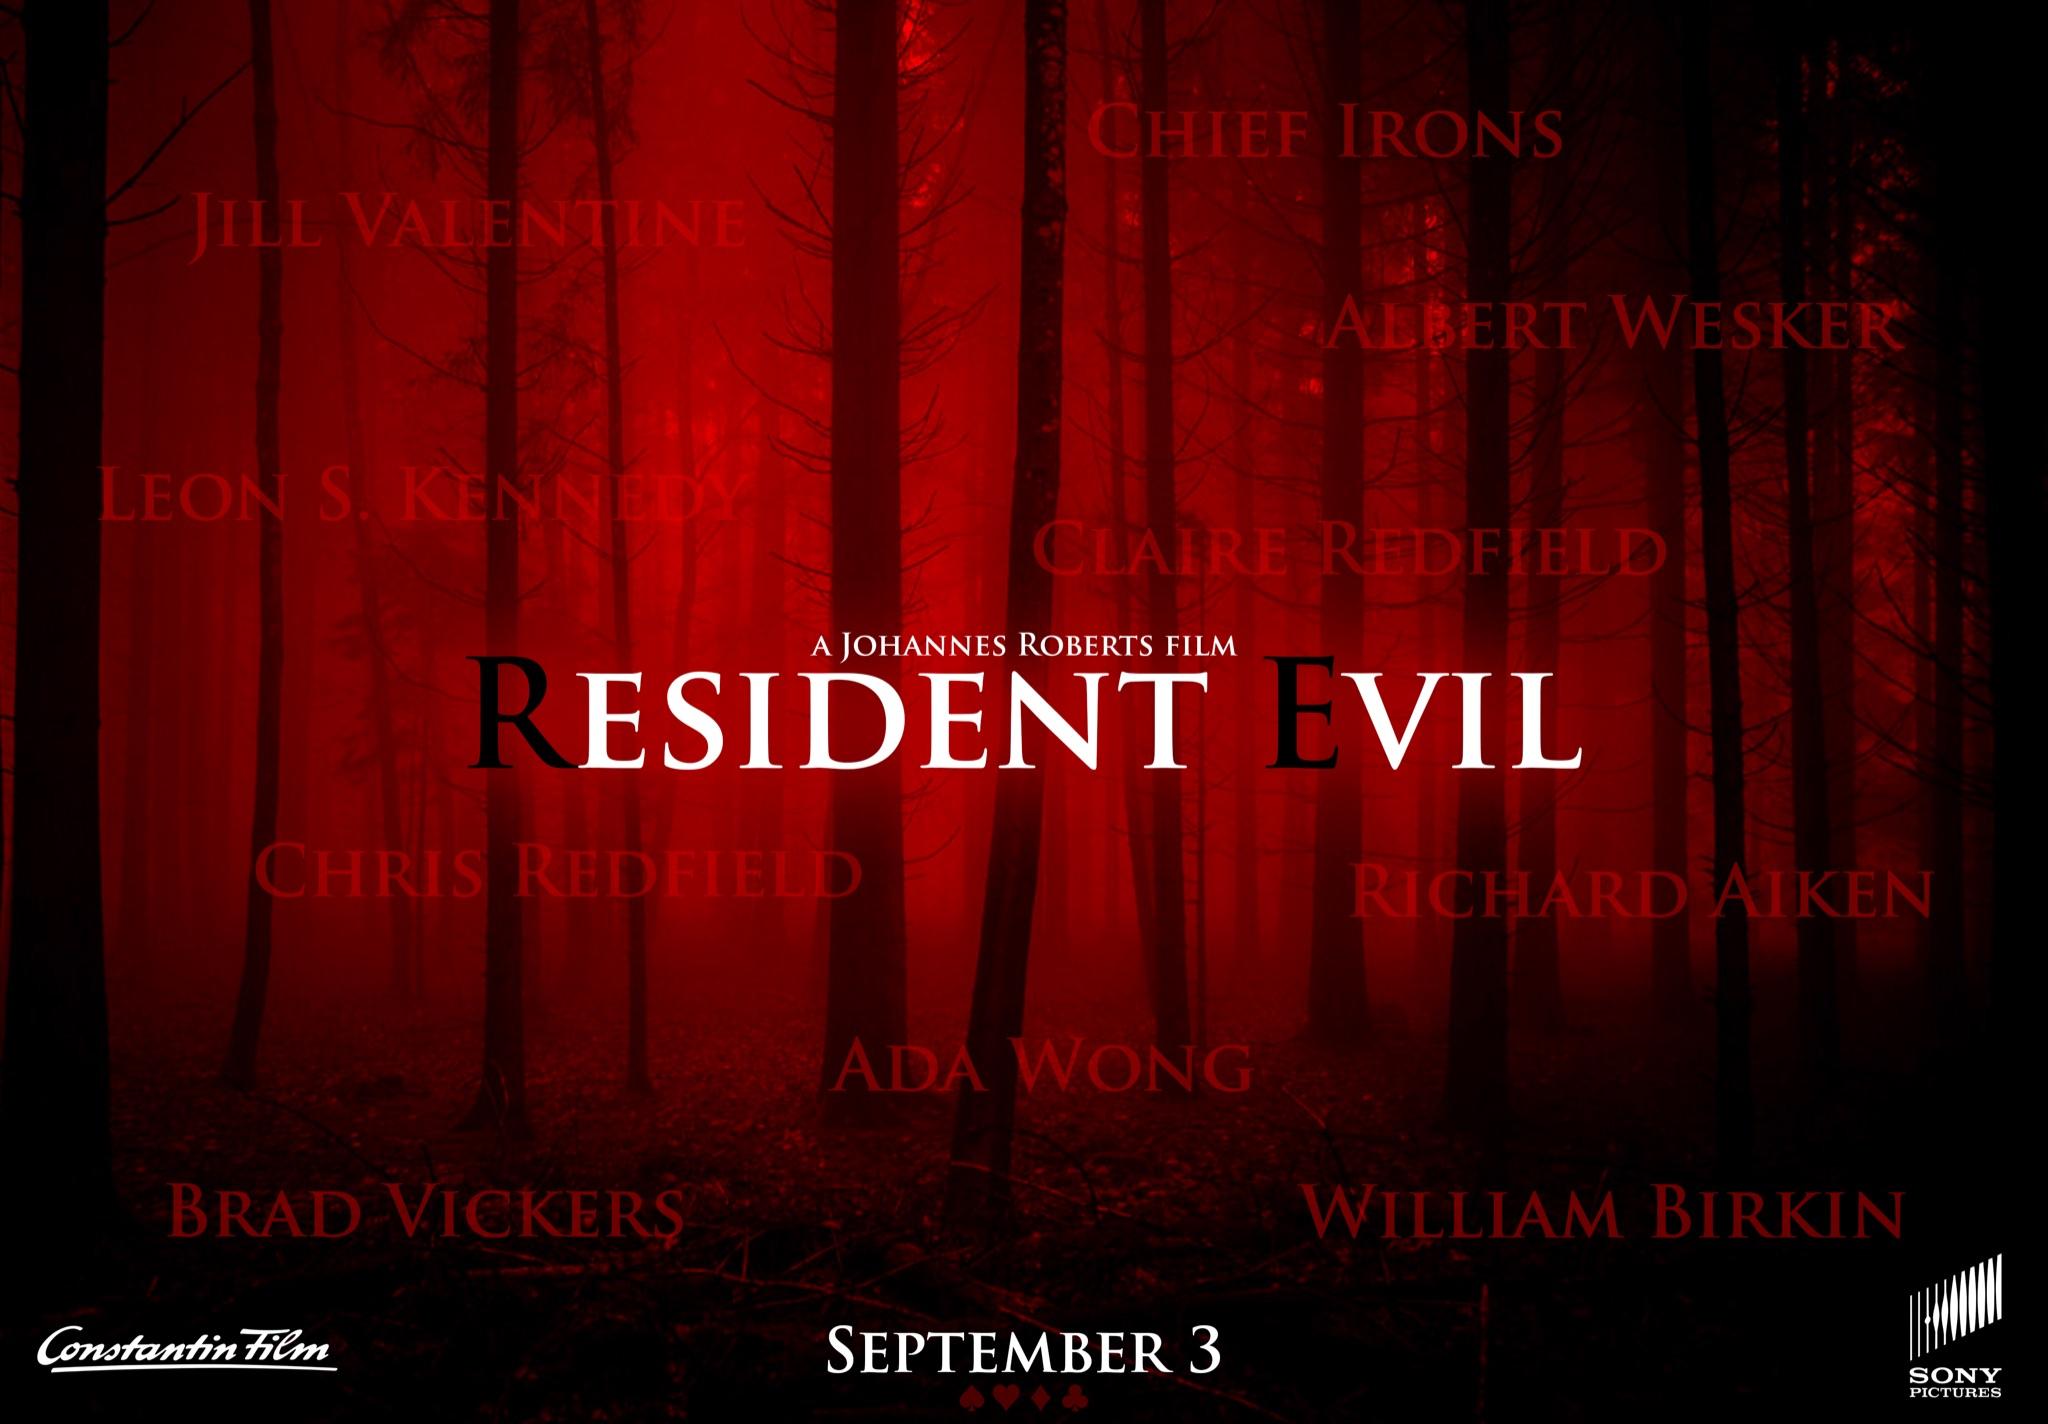 Официальный тизер-постер новой экранизации Resident Evil со списком персонажей